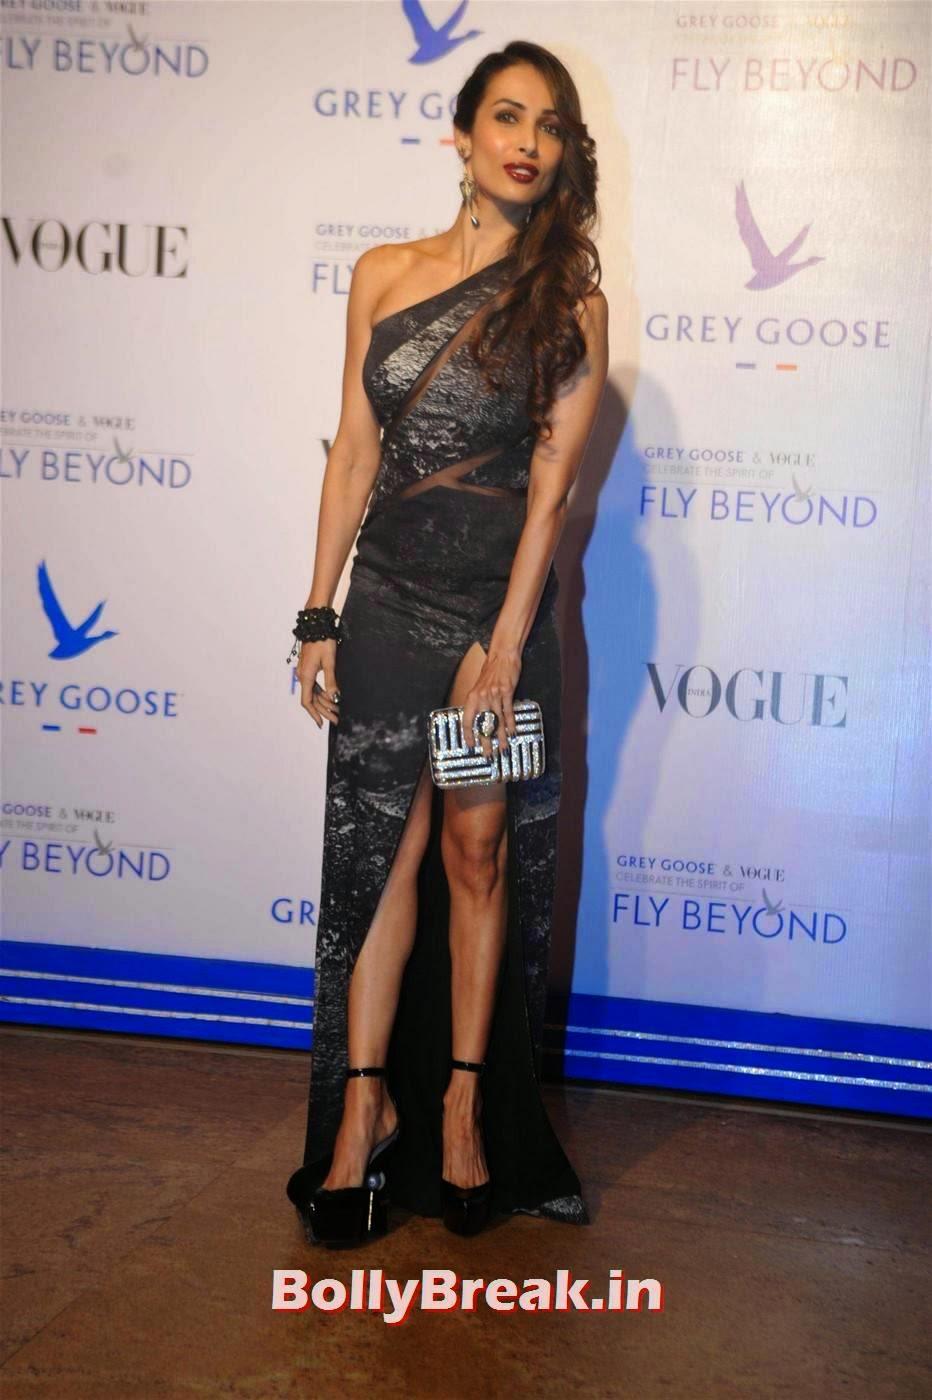 Hindi Actress Malaika Arora Khan, Malaika Arora Khan in Leg Showing Dress at Awards Function